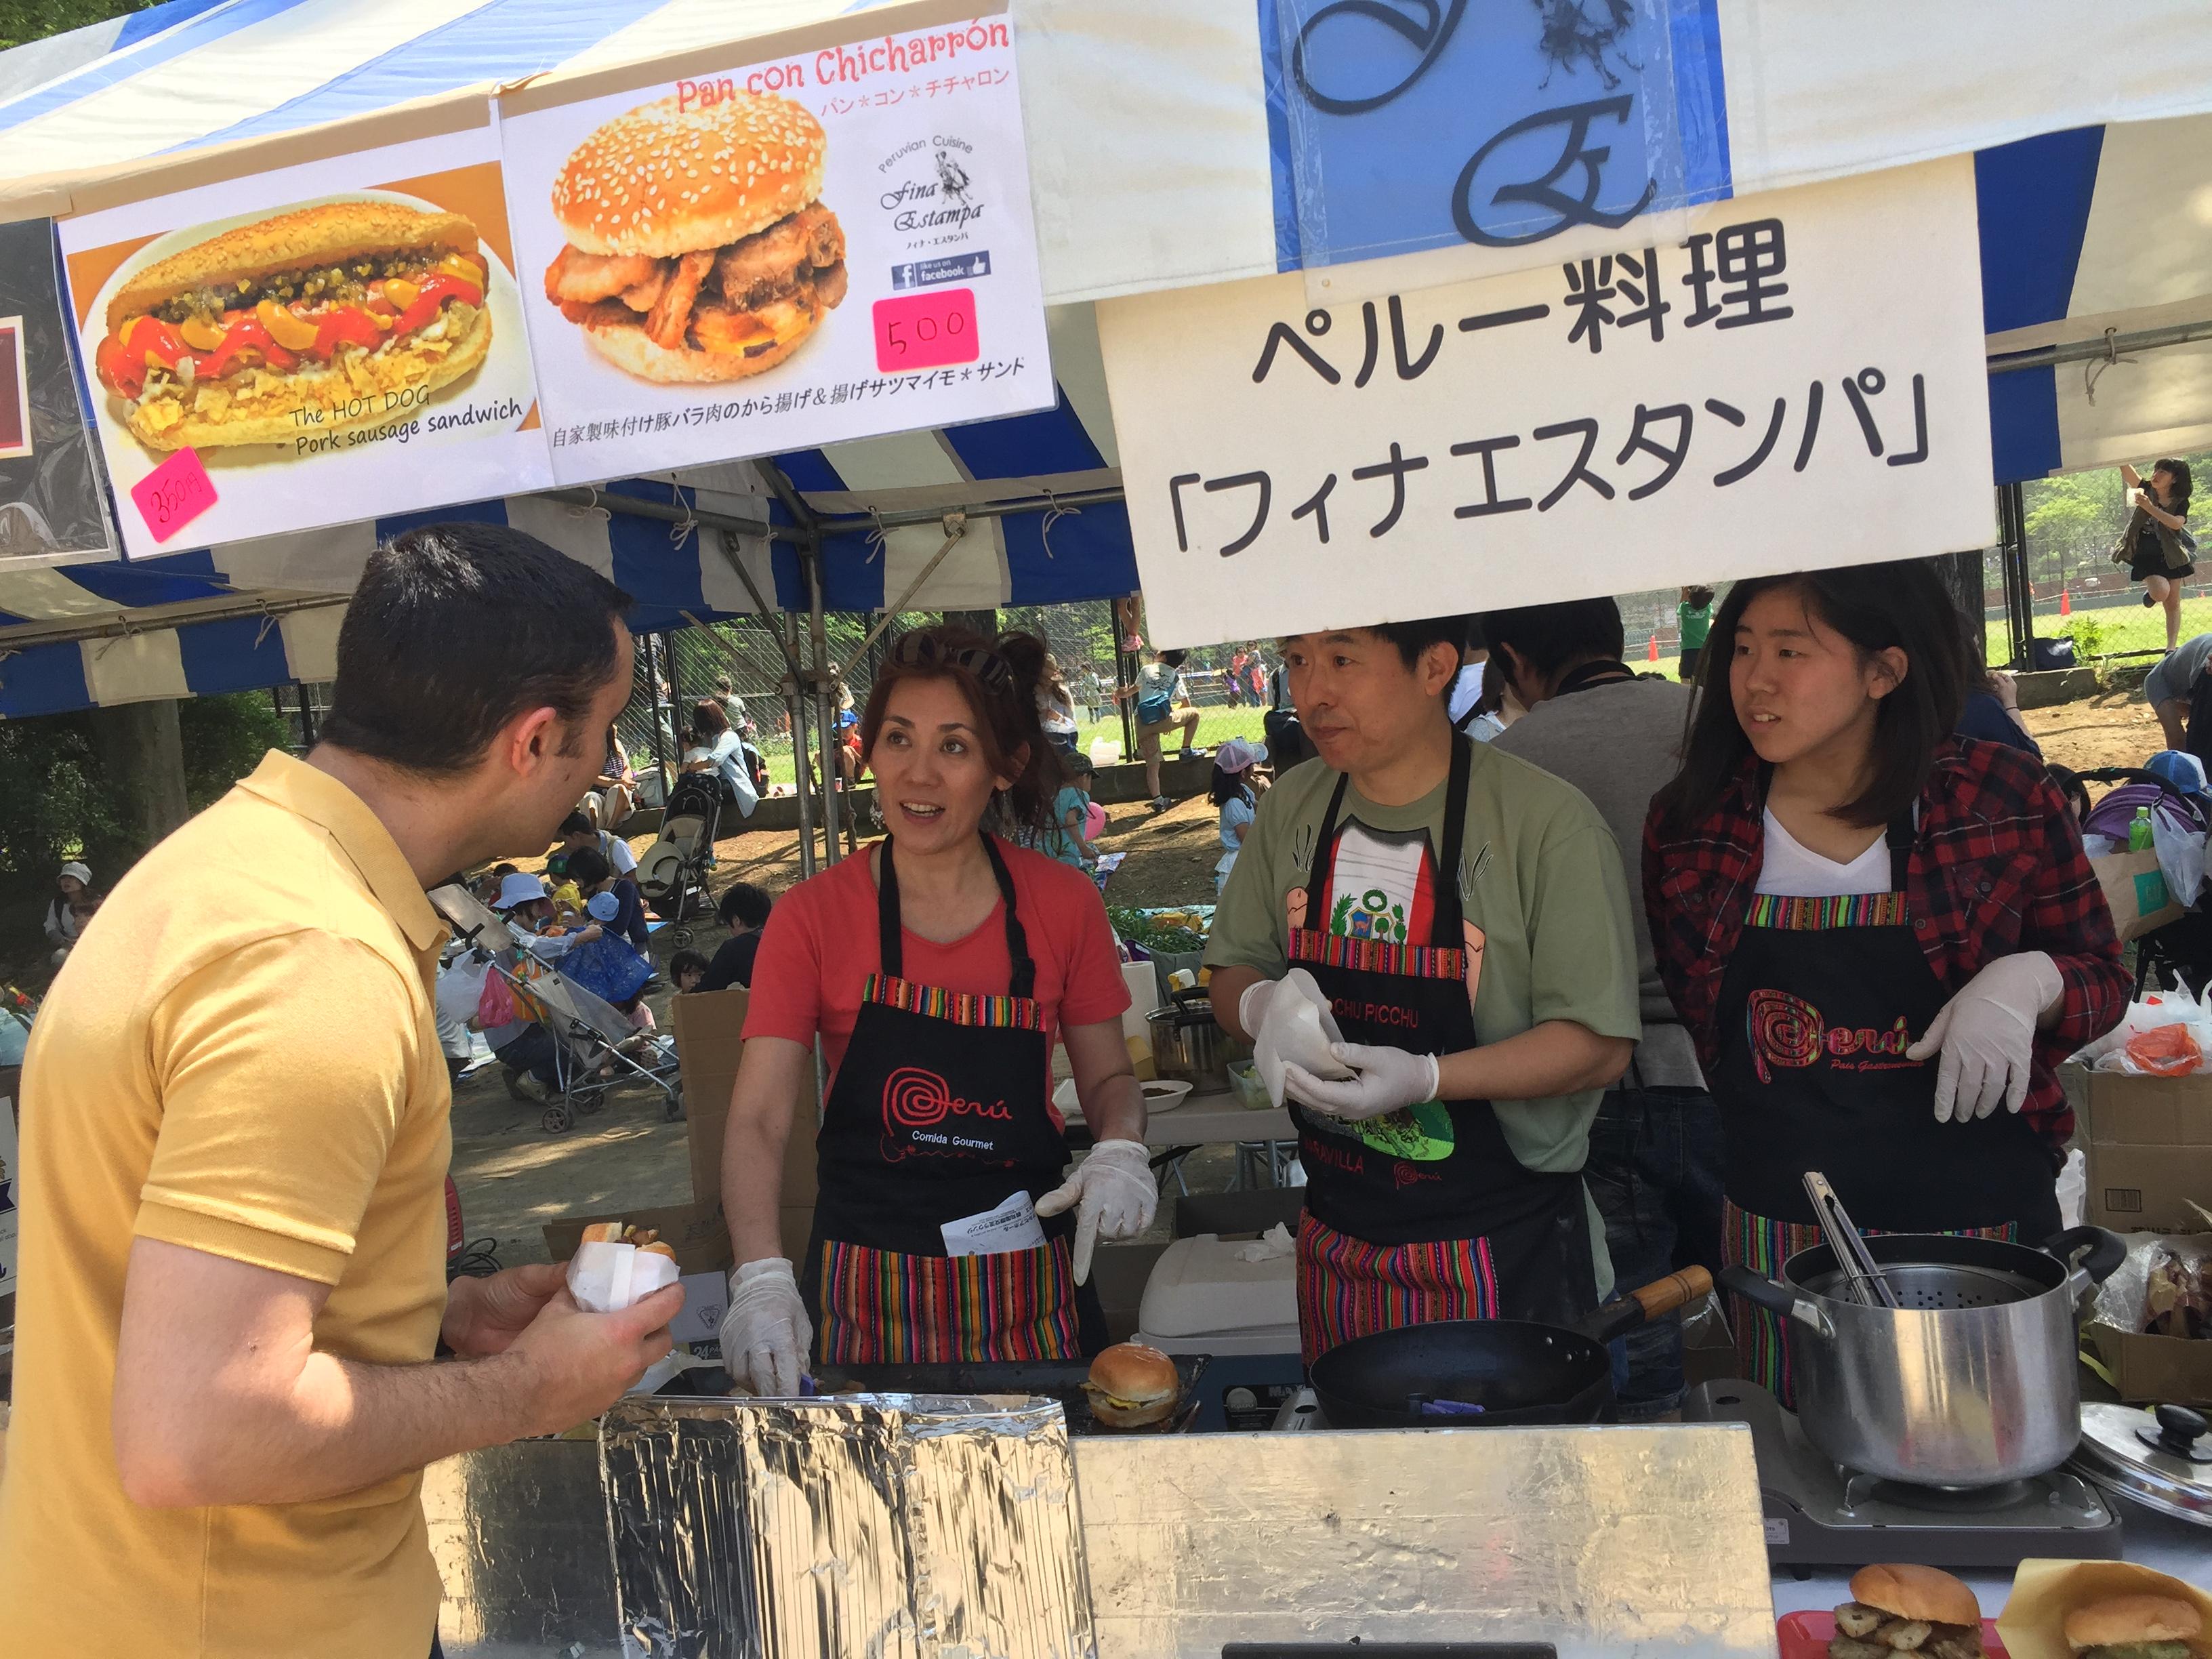 image1_mitsuike